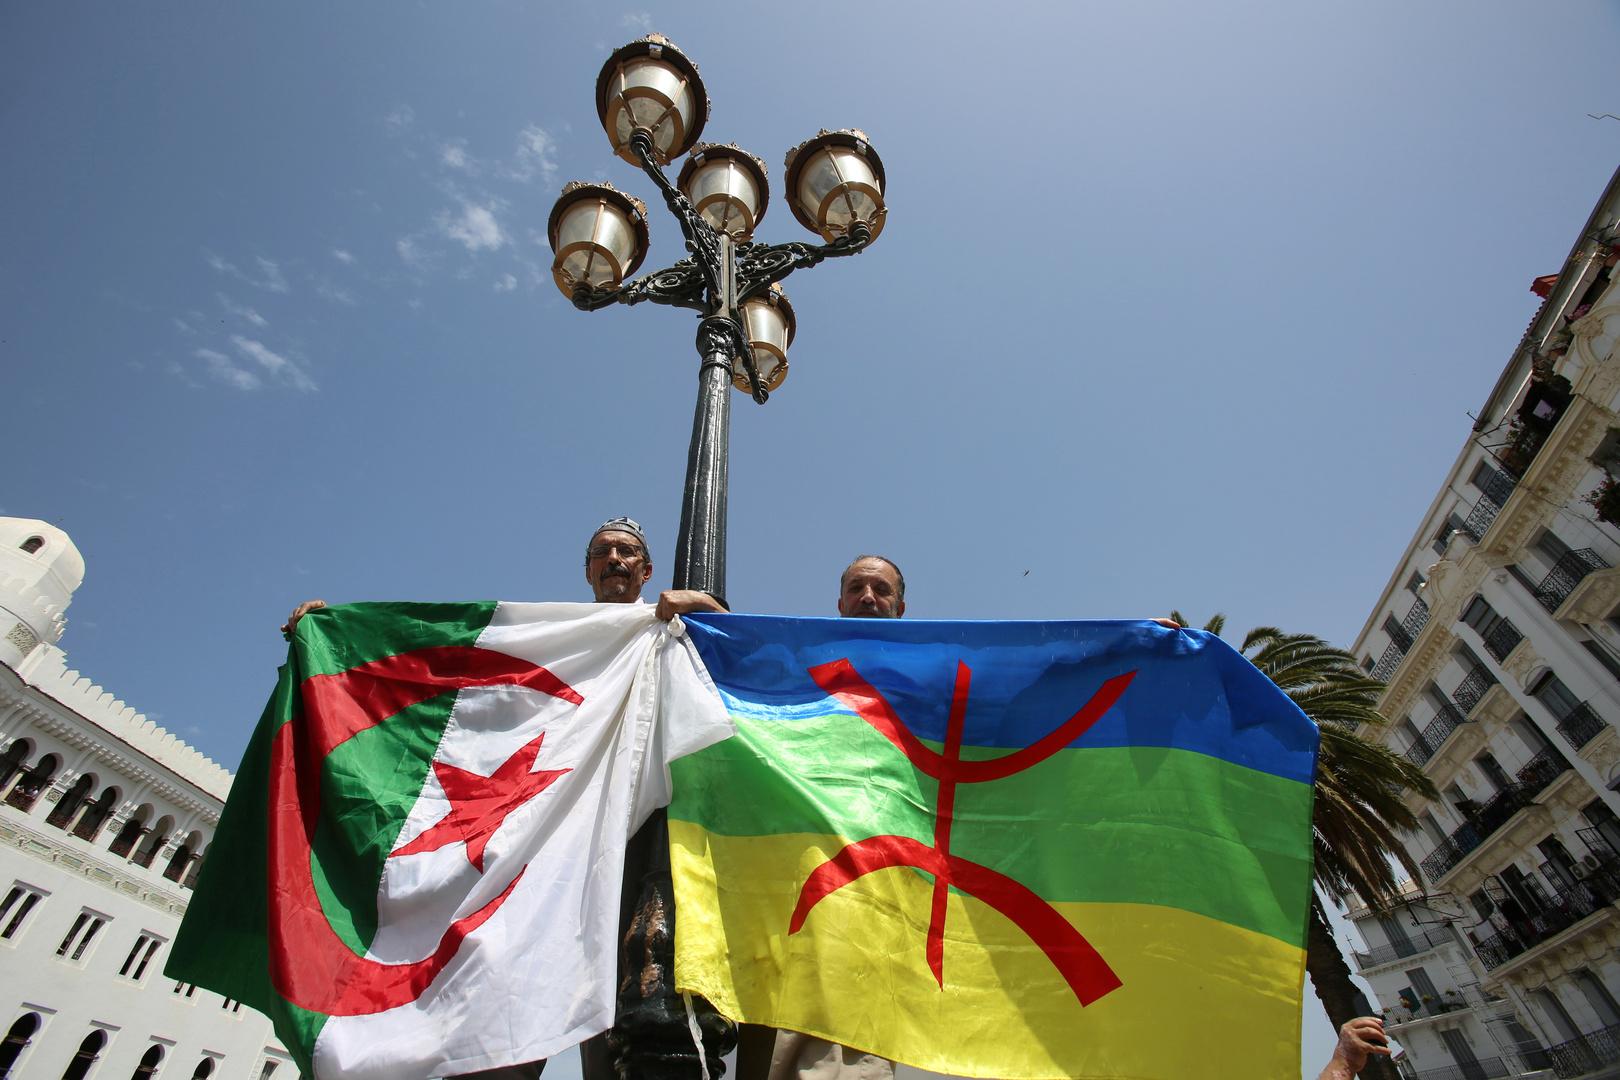 مواطنان يحملان العلم الجزائري وعلم